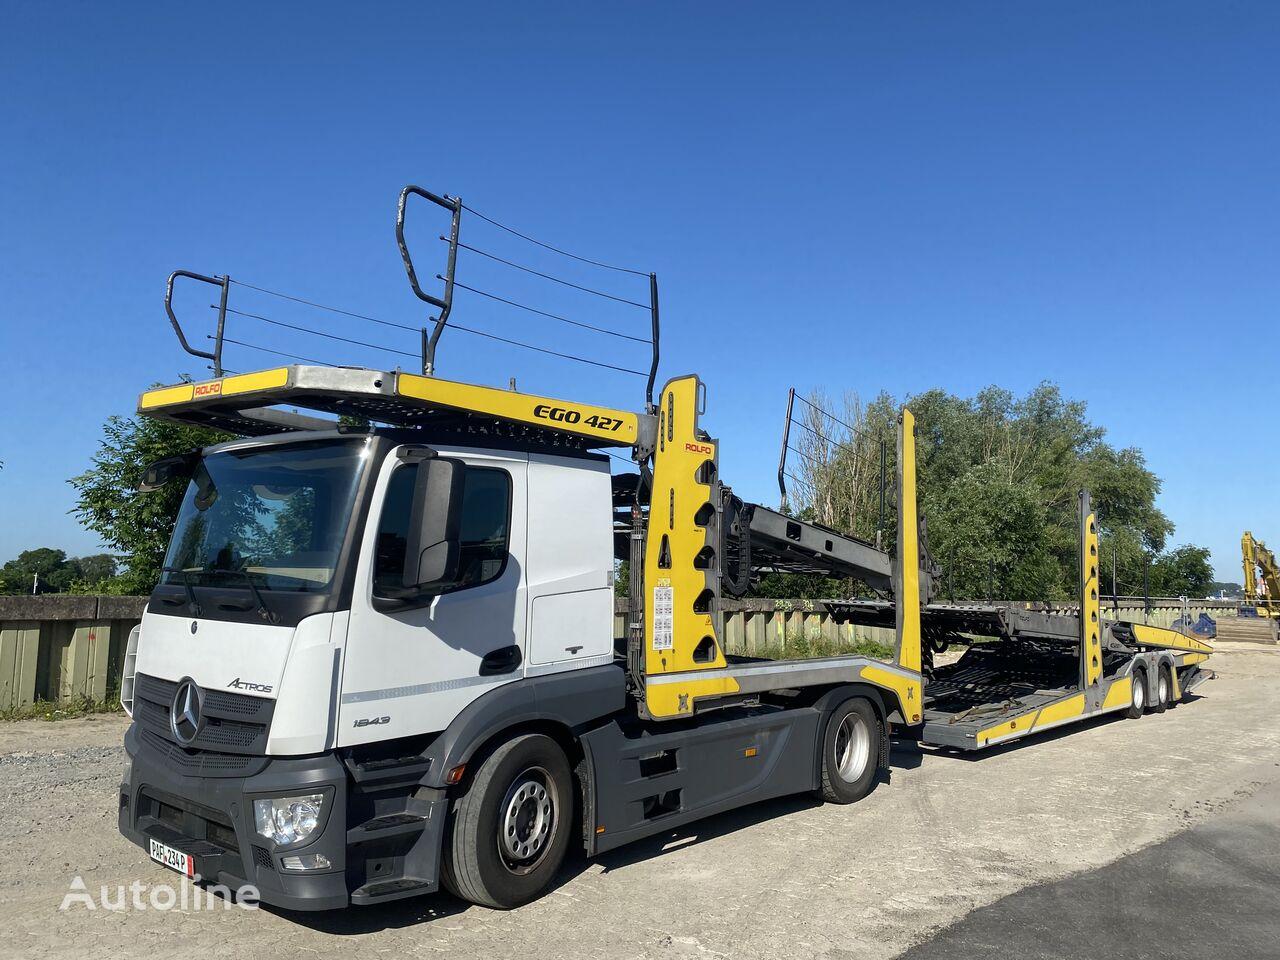 MERCEDES-BENZ Actros 1843 Rolfo EGO 427 komplett 2017 camión portacoches